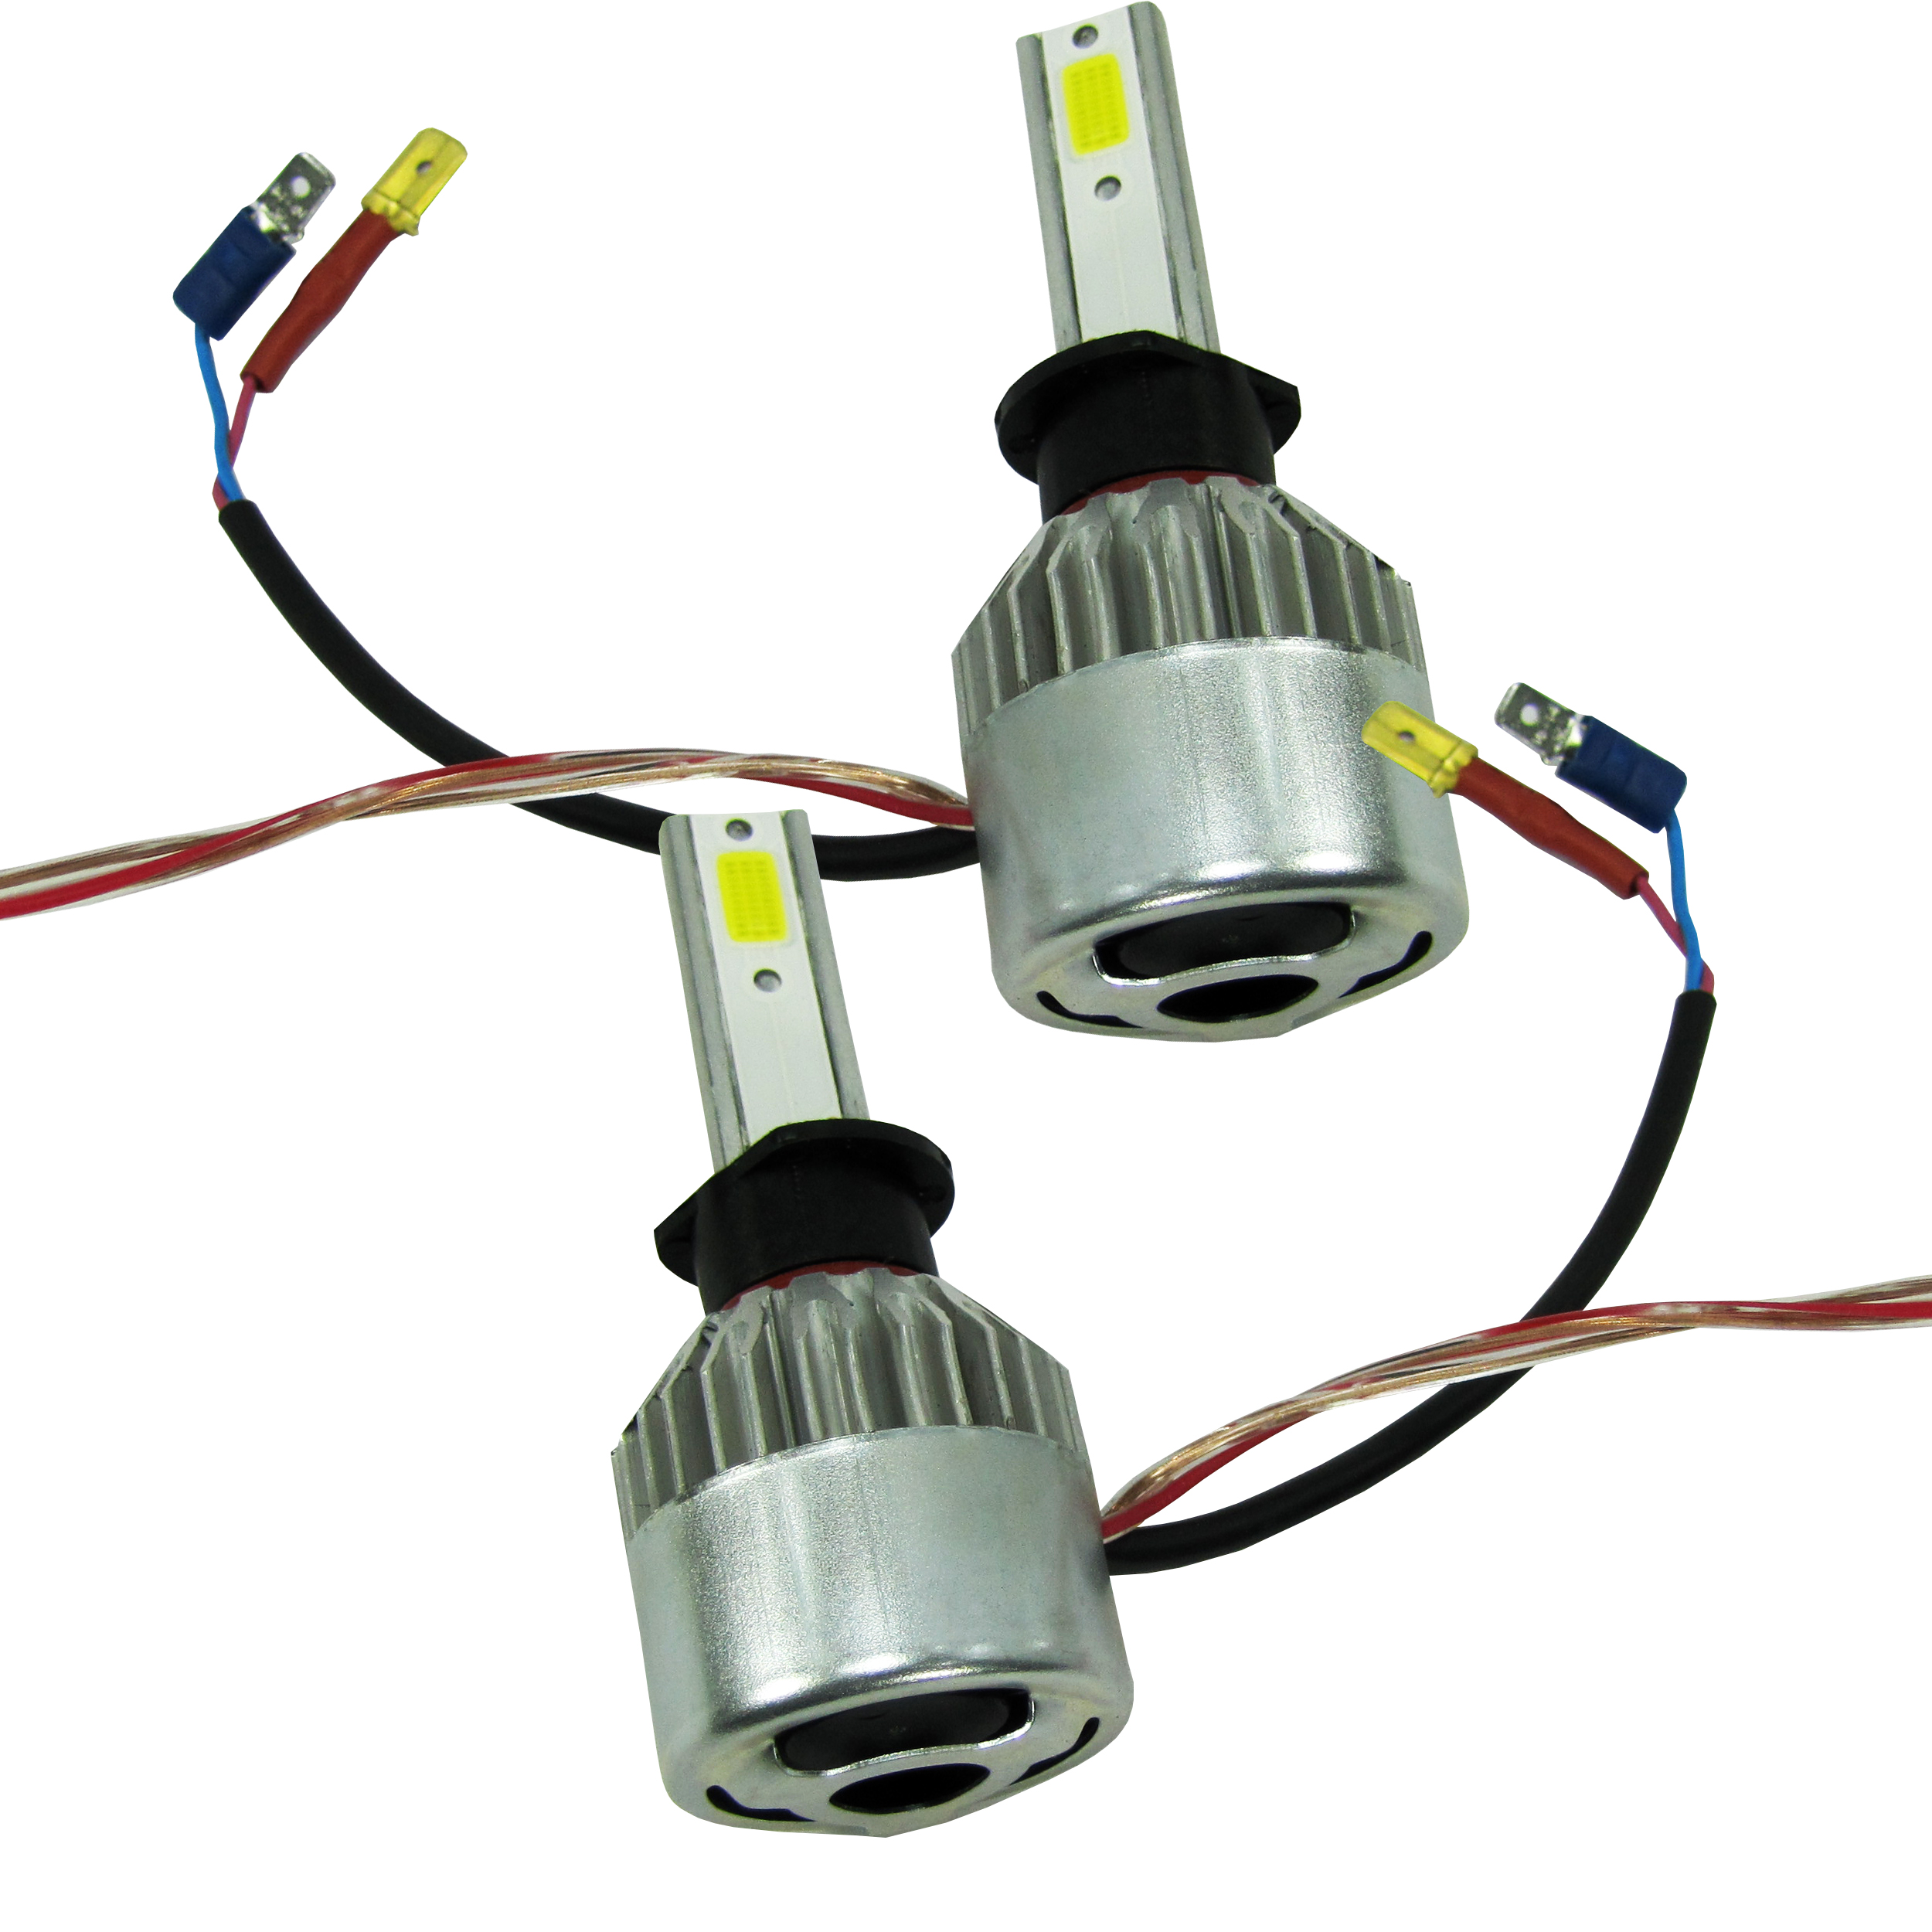 هدلایت لامپ خودرو G2 مدل H1 بسته 2 عددی